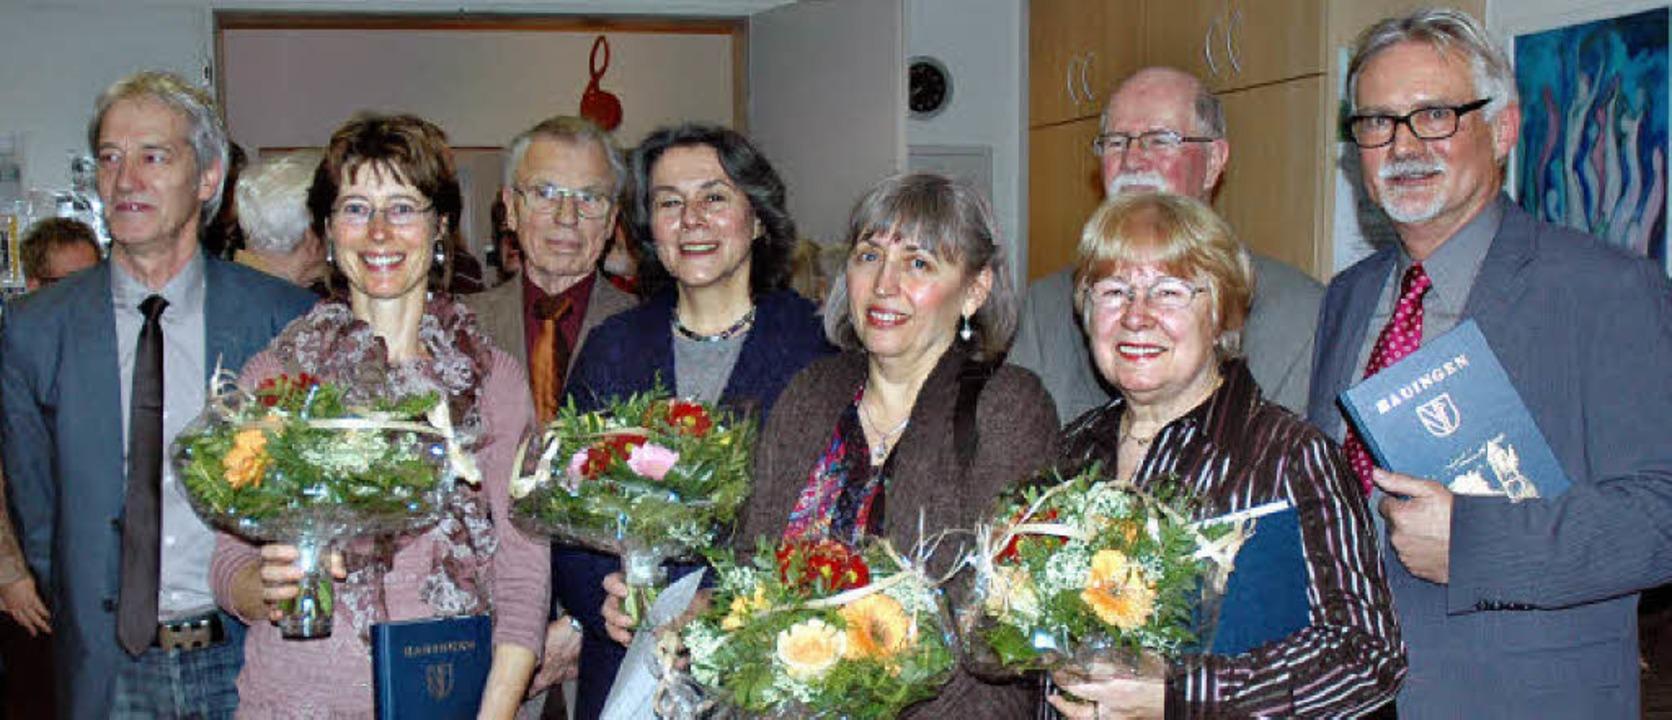 Ortsvorsteher Günter Schlecht (rechts)...urakovics, Gerfried Früh, Lore Hilger.  | Foto: Britta Wieschenkämper